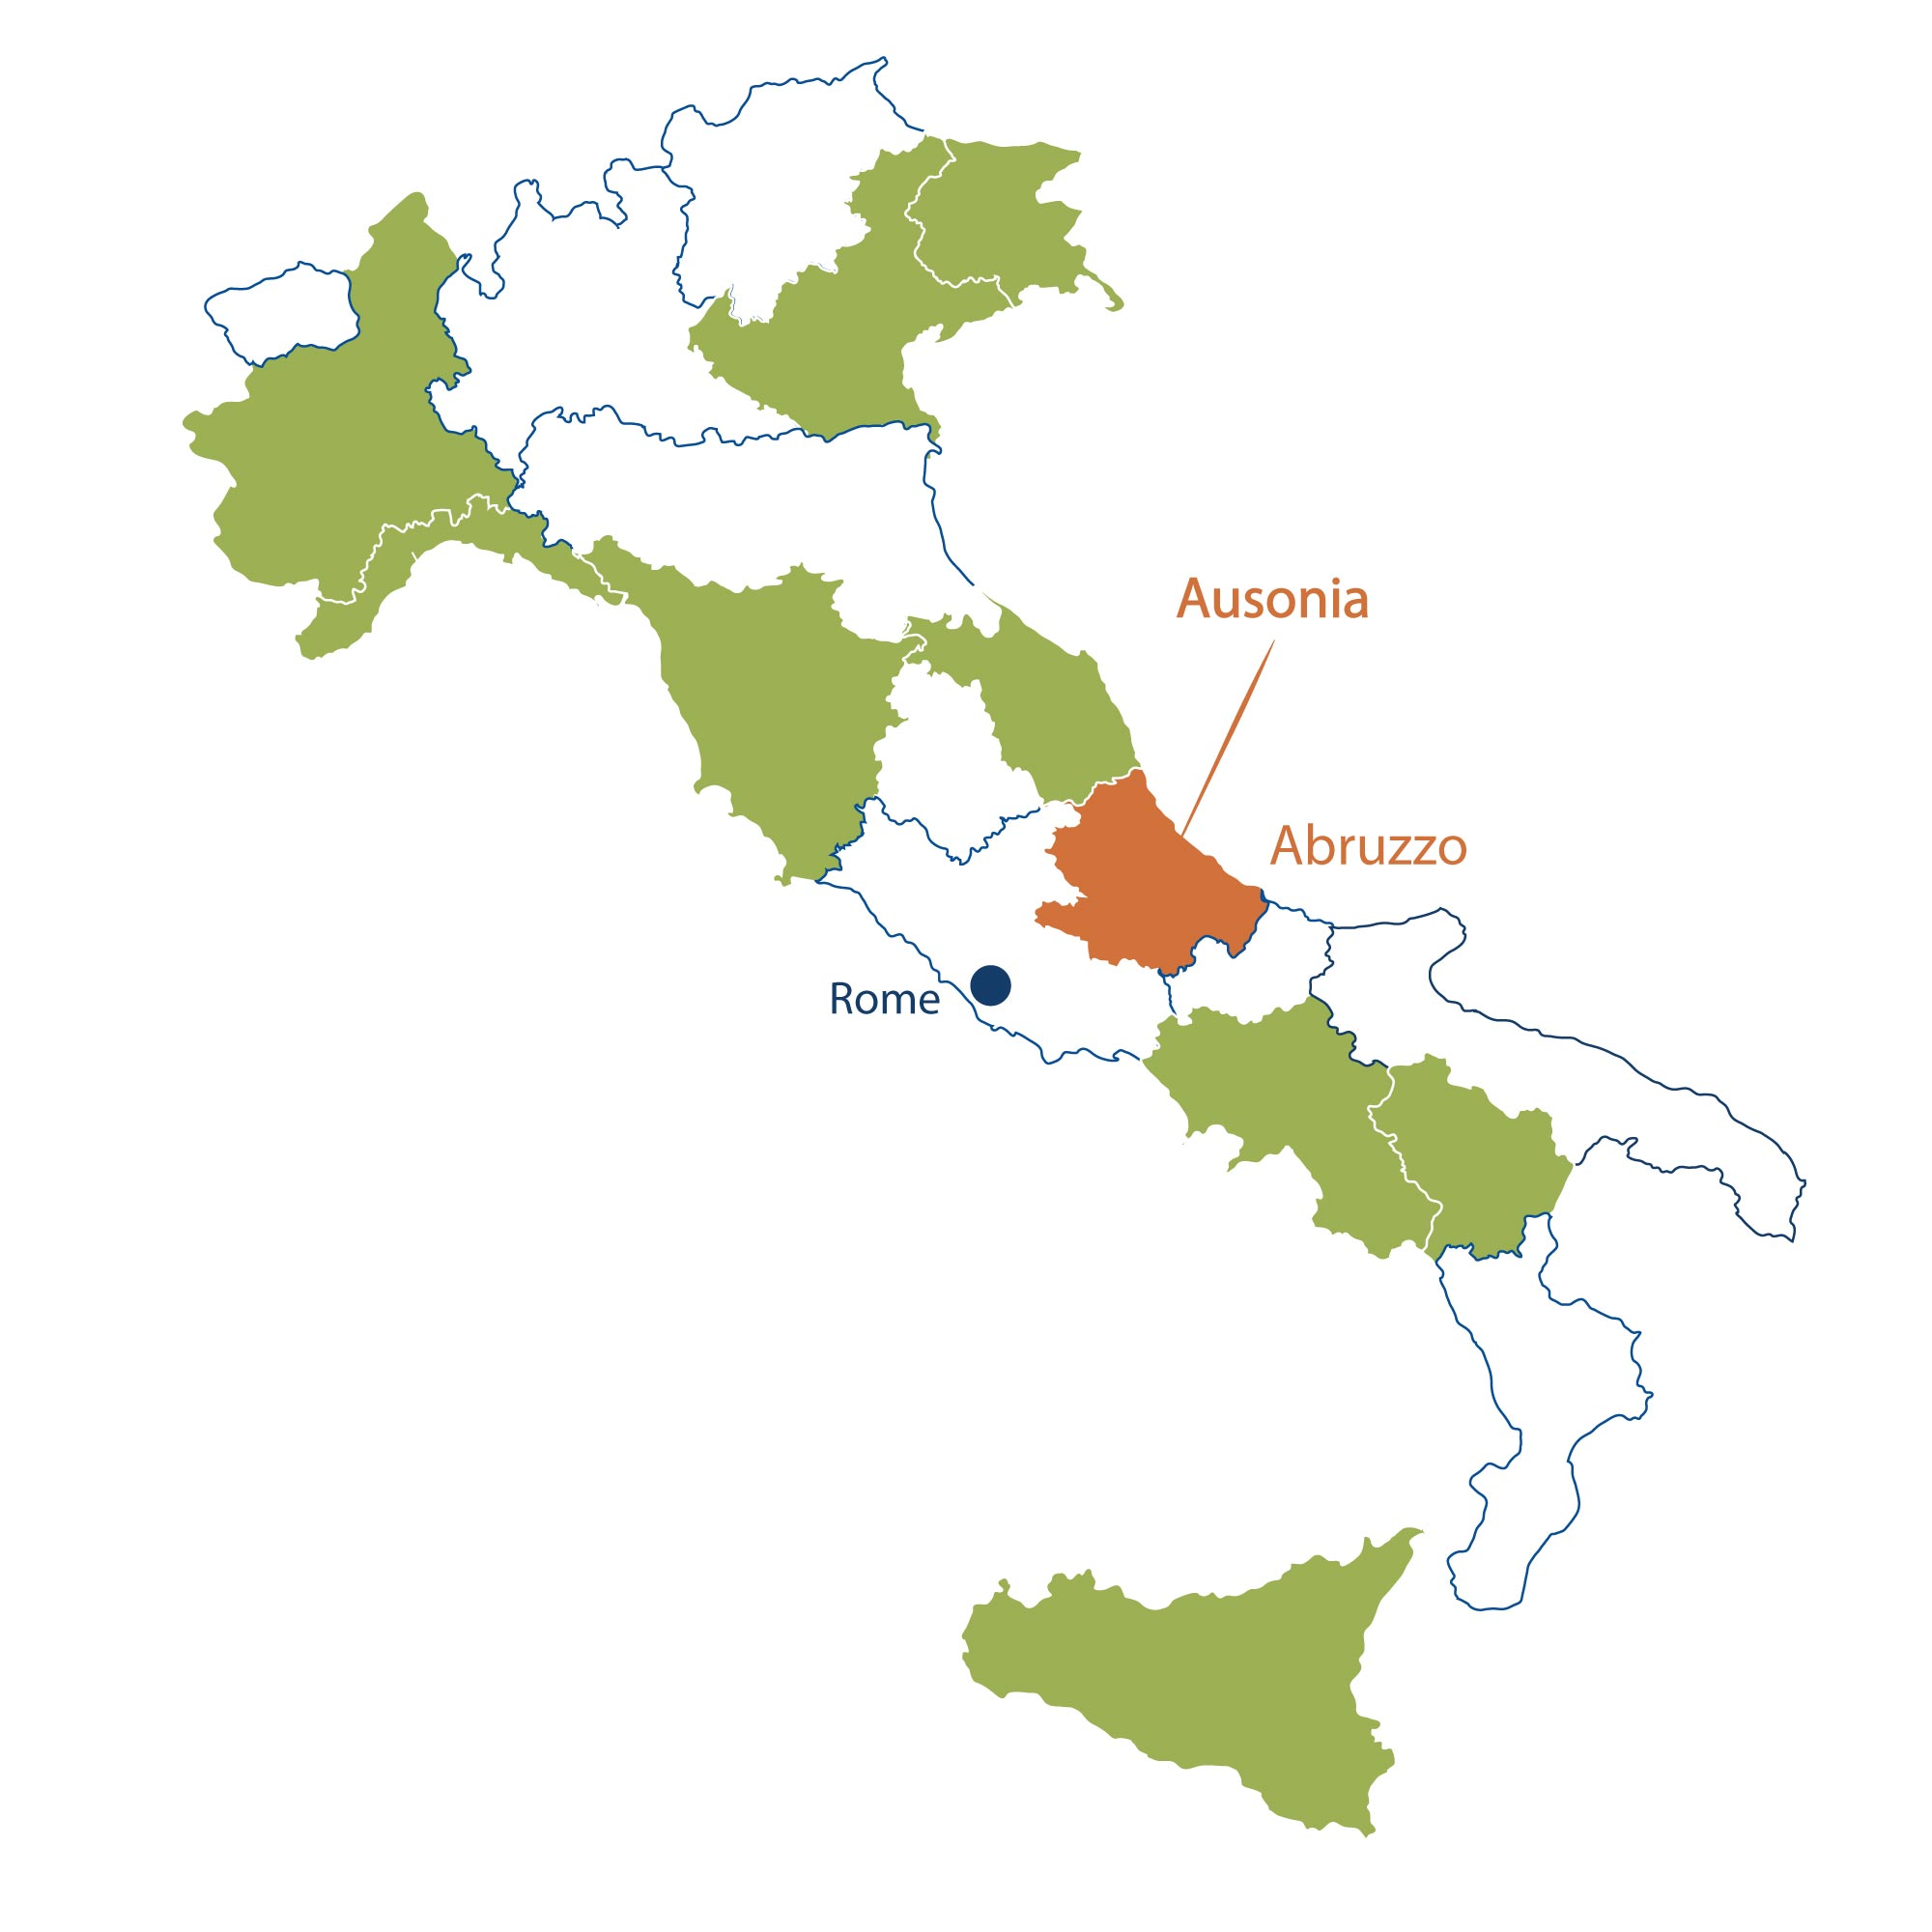 Azienda Agricola Ausonia Abruzzo North Berkeley Imports